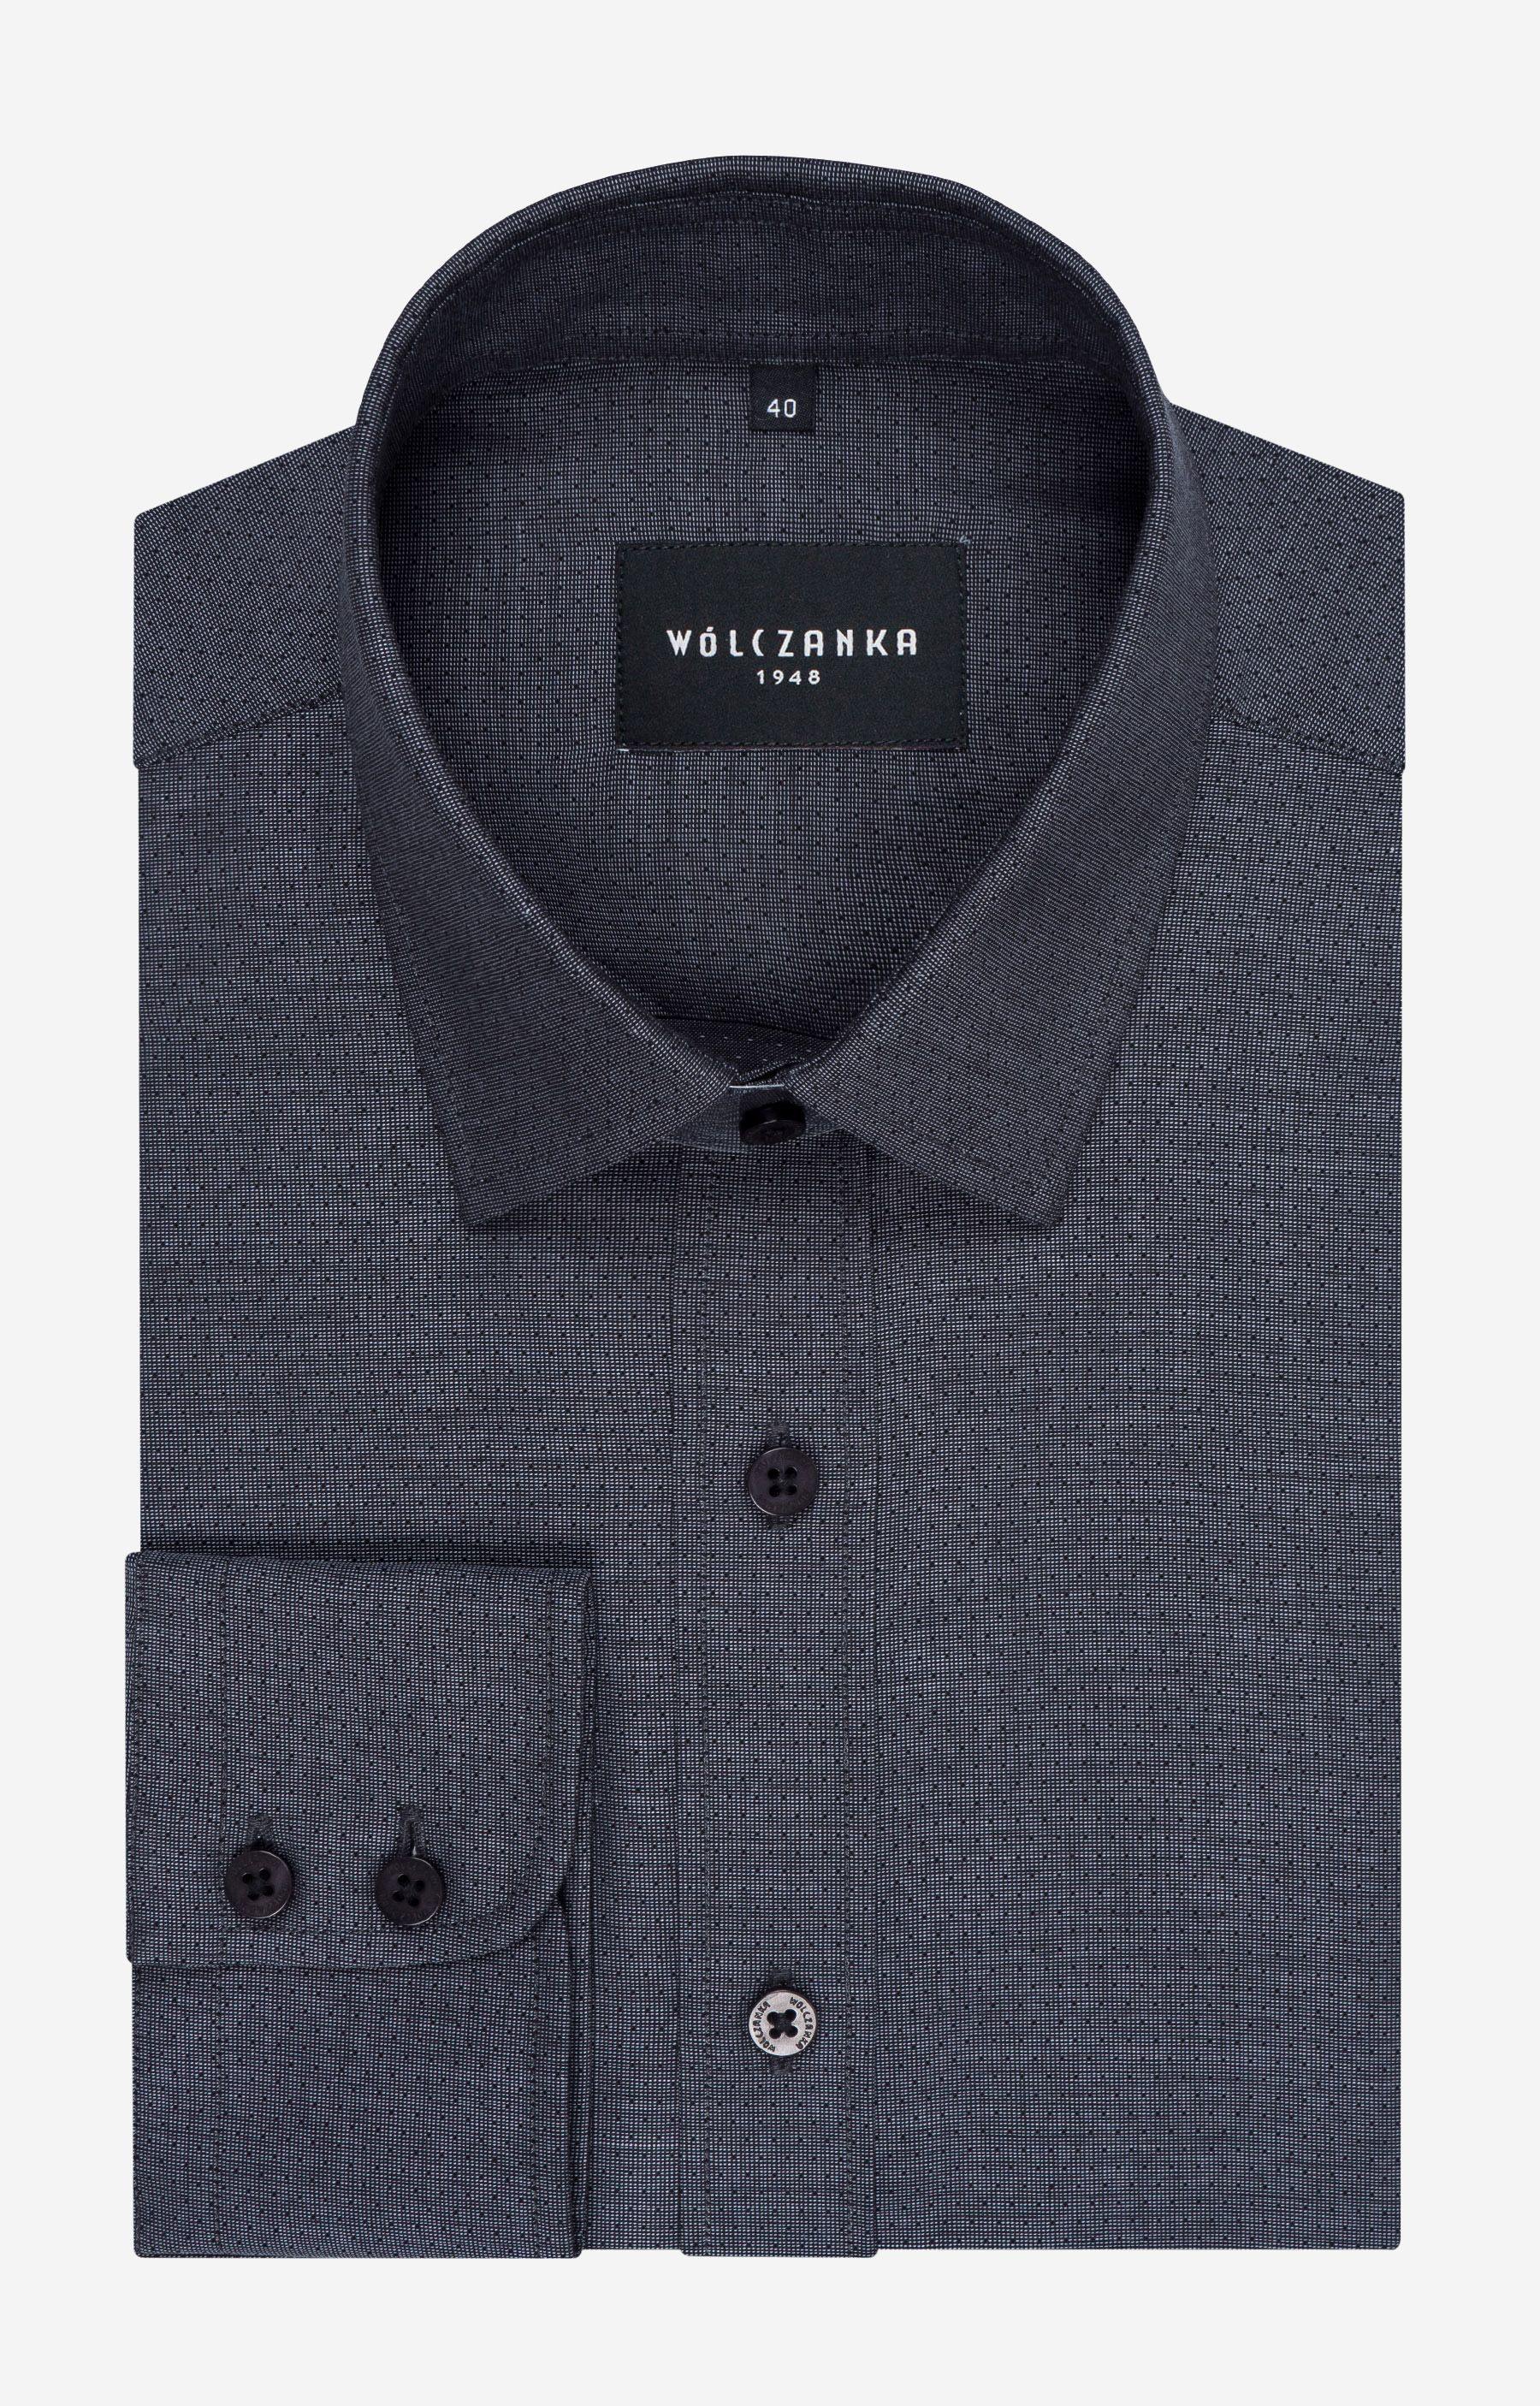 07c8733162c4c Kolorowe koszule męskie - Grafitowa koszula męska WÓLCZANKA - WS26WL7649 -  sklep Wólczanka.pl